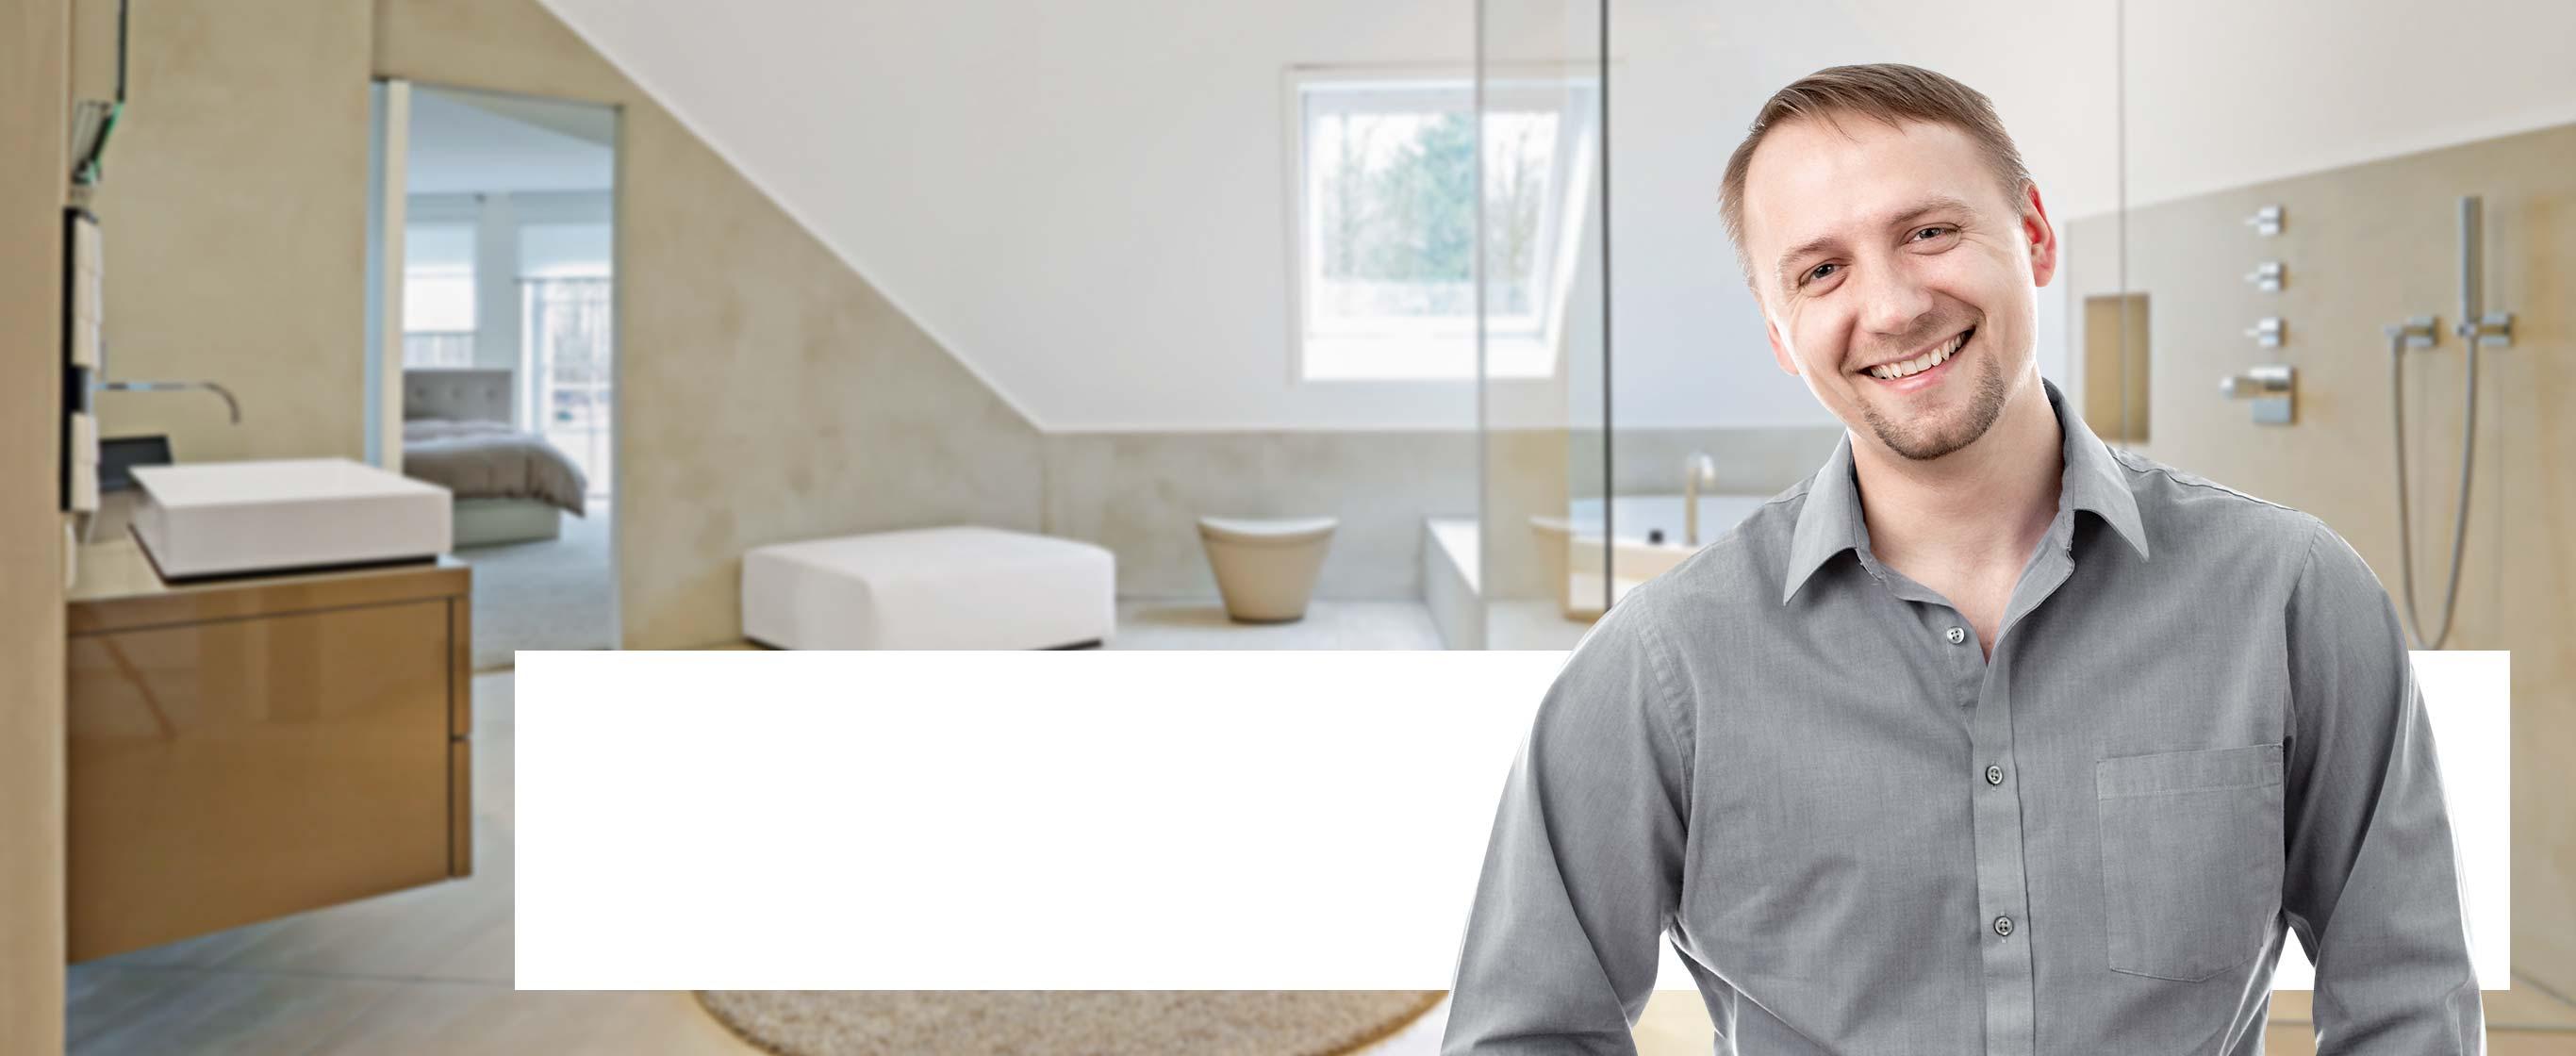 DIE BADGESTALTER-Kampagne: Mein Bad, mein Leben.